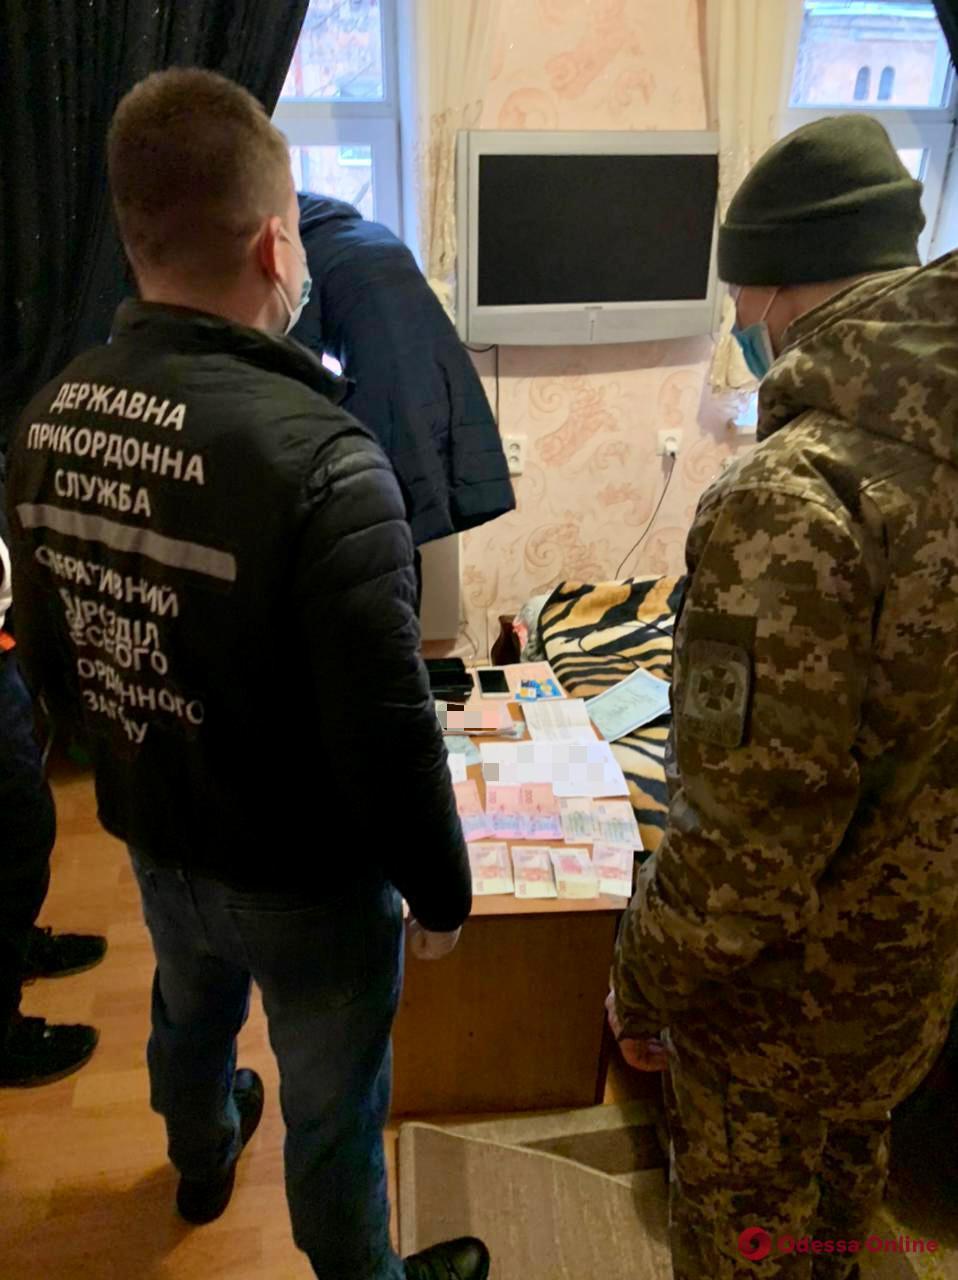 В Одесской области разоблачили организаторов переправки нелегалов через границу